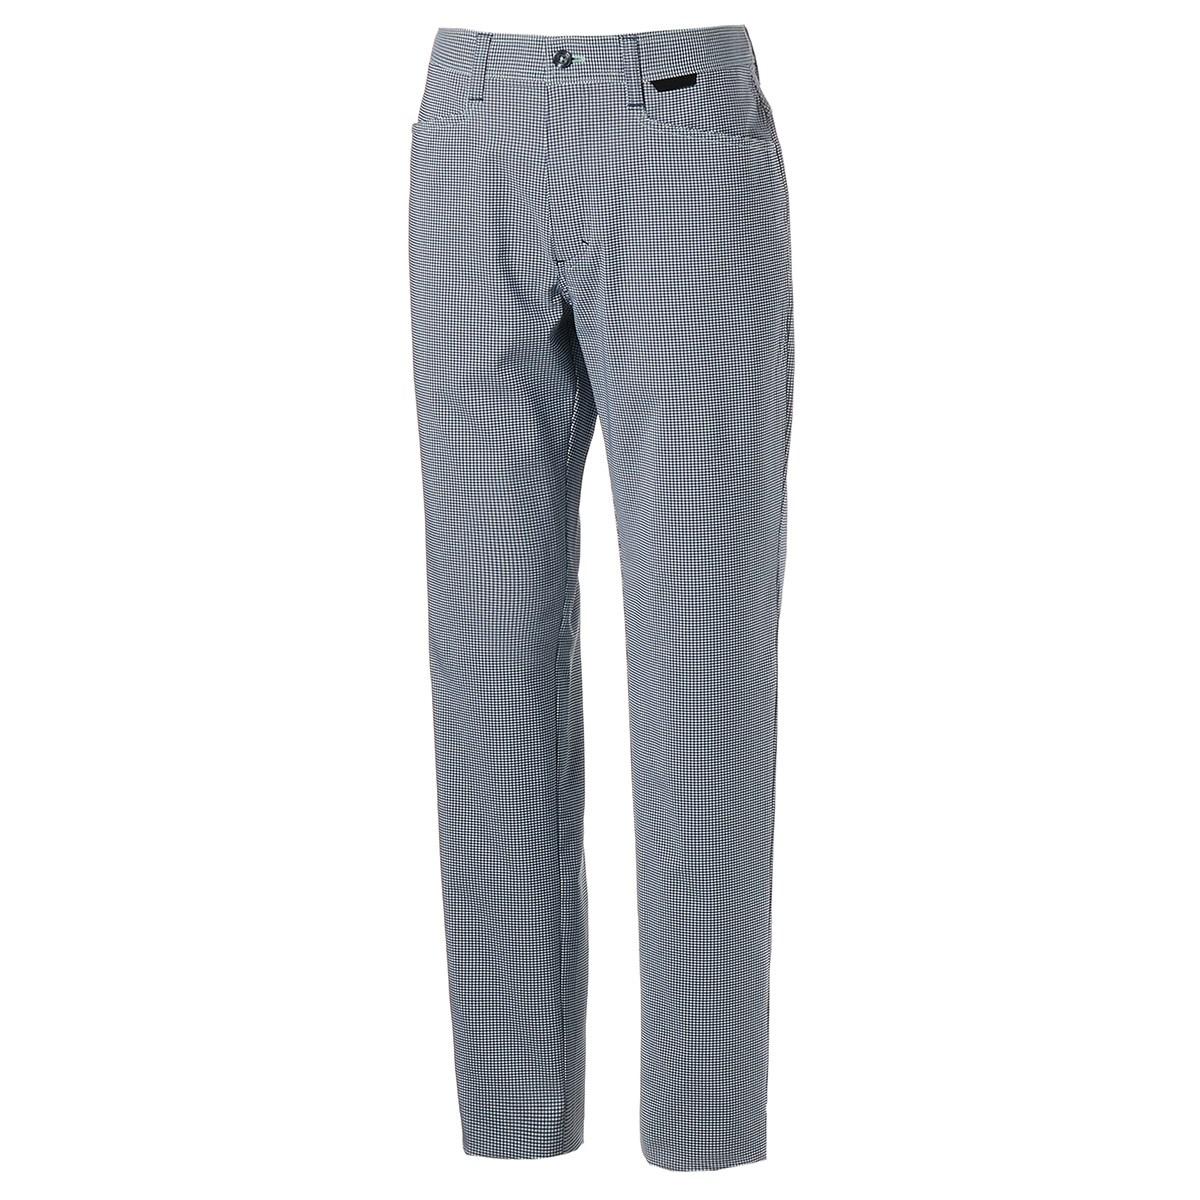 プーマ(PUMA) ギンガム 5ポケット パンツ